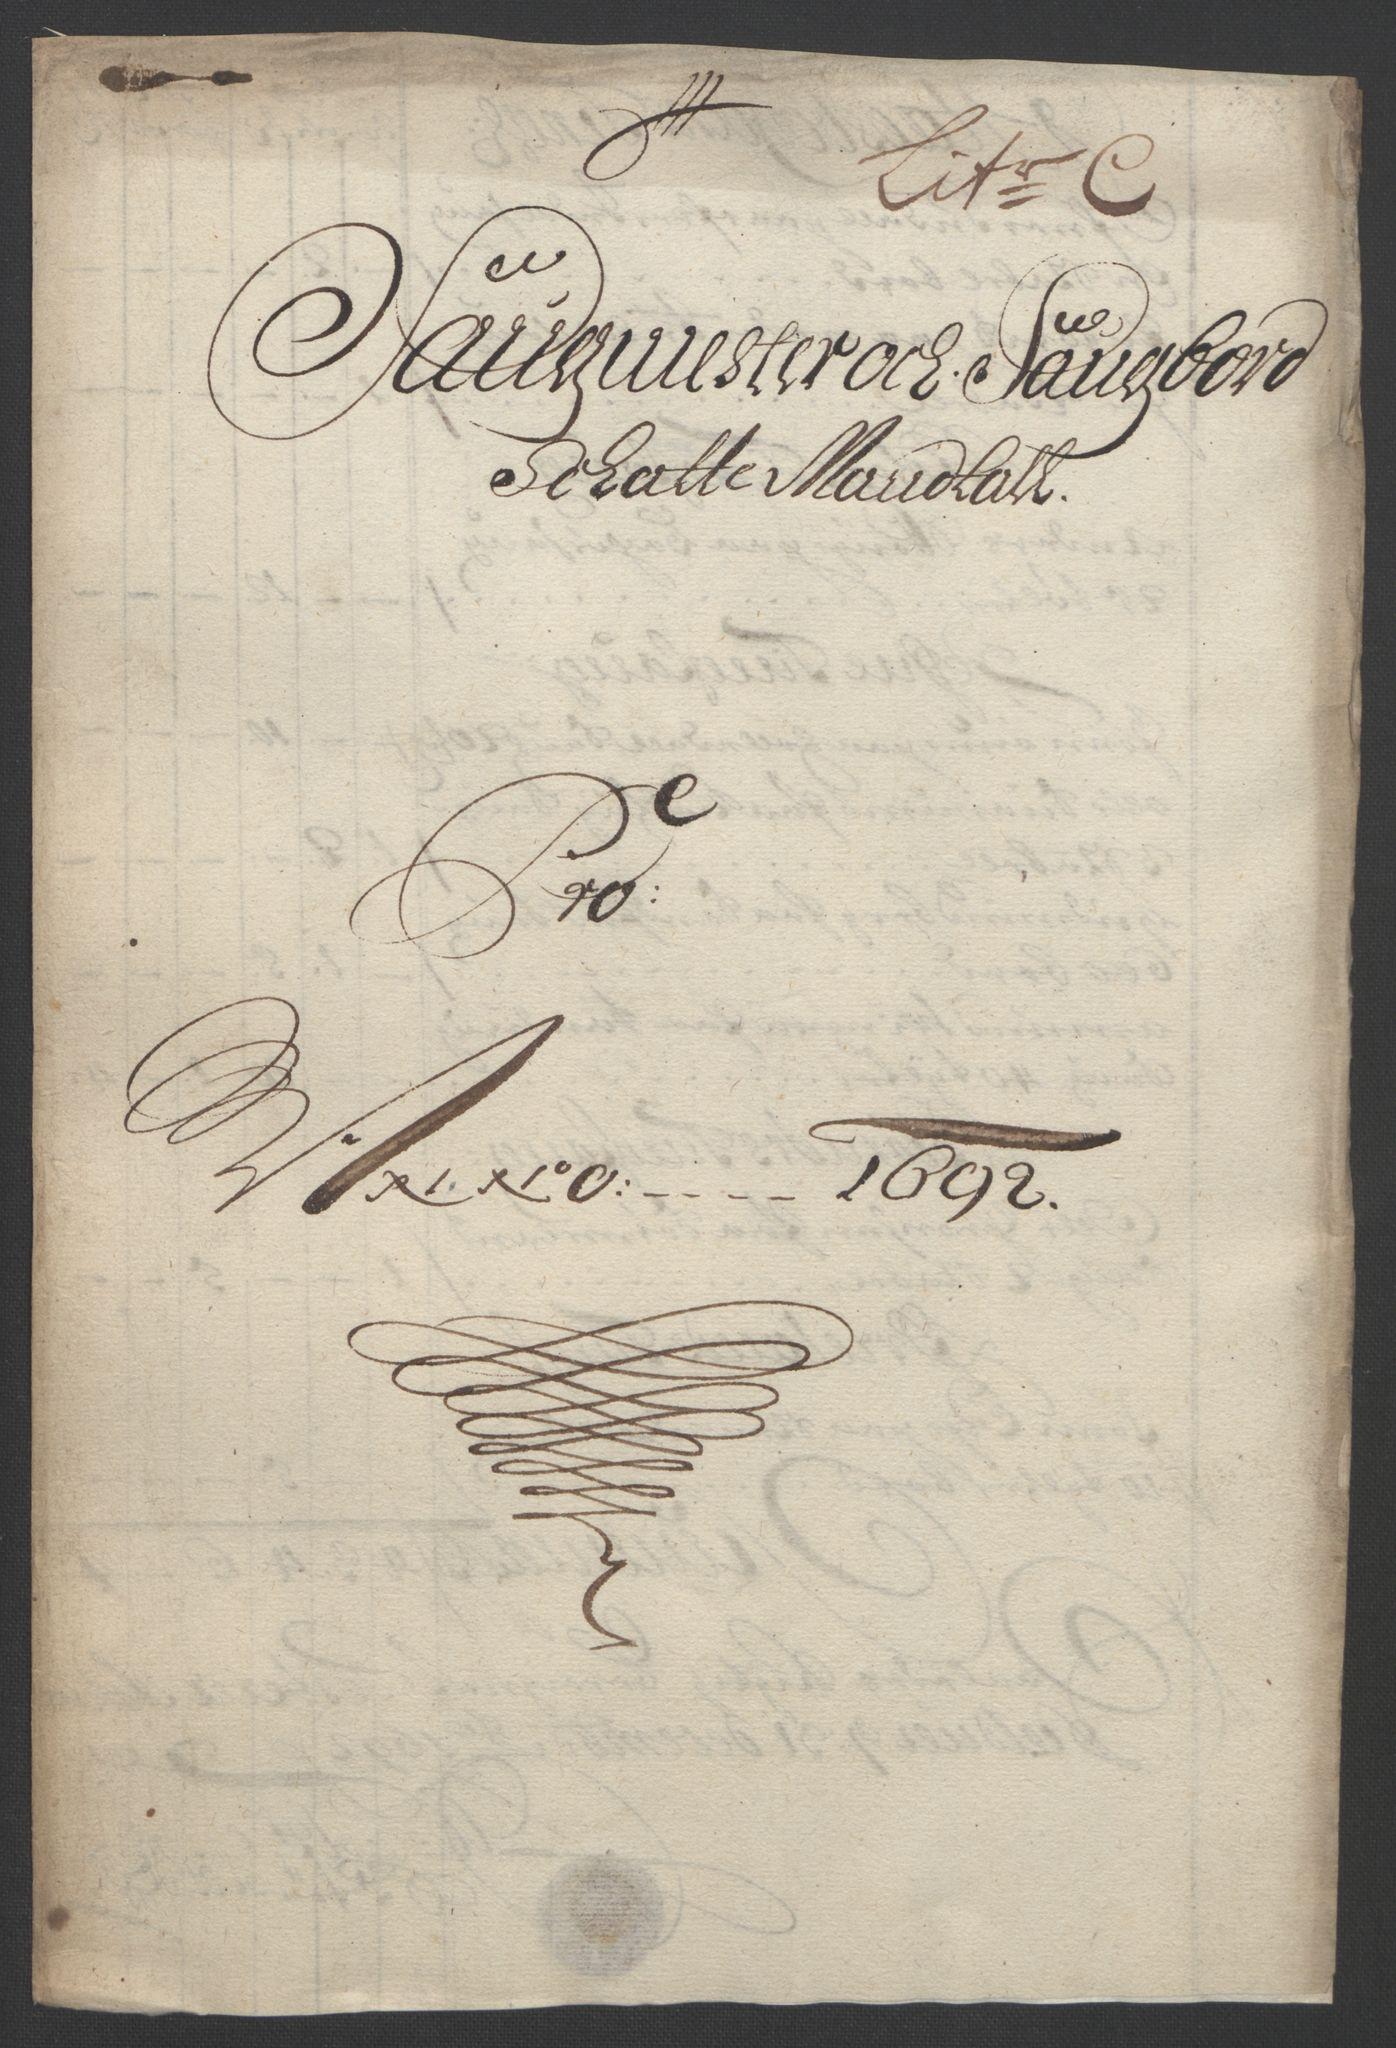 RA, Rentekammeret inntil 1814, Reviderte regnskaper, Fogderegnskap, R57/L3849: Fogderegnskap Fosen, 1692-1693, s. 80